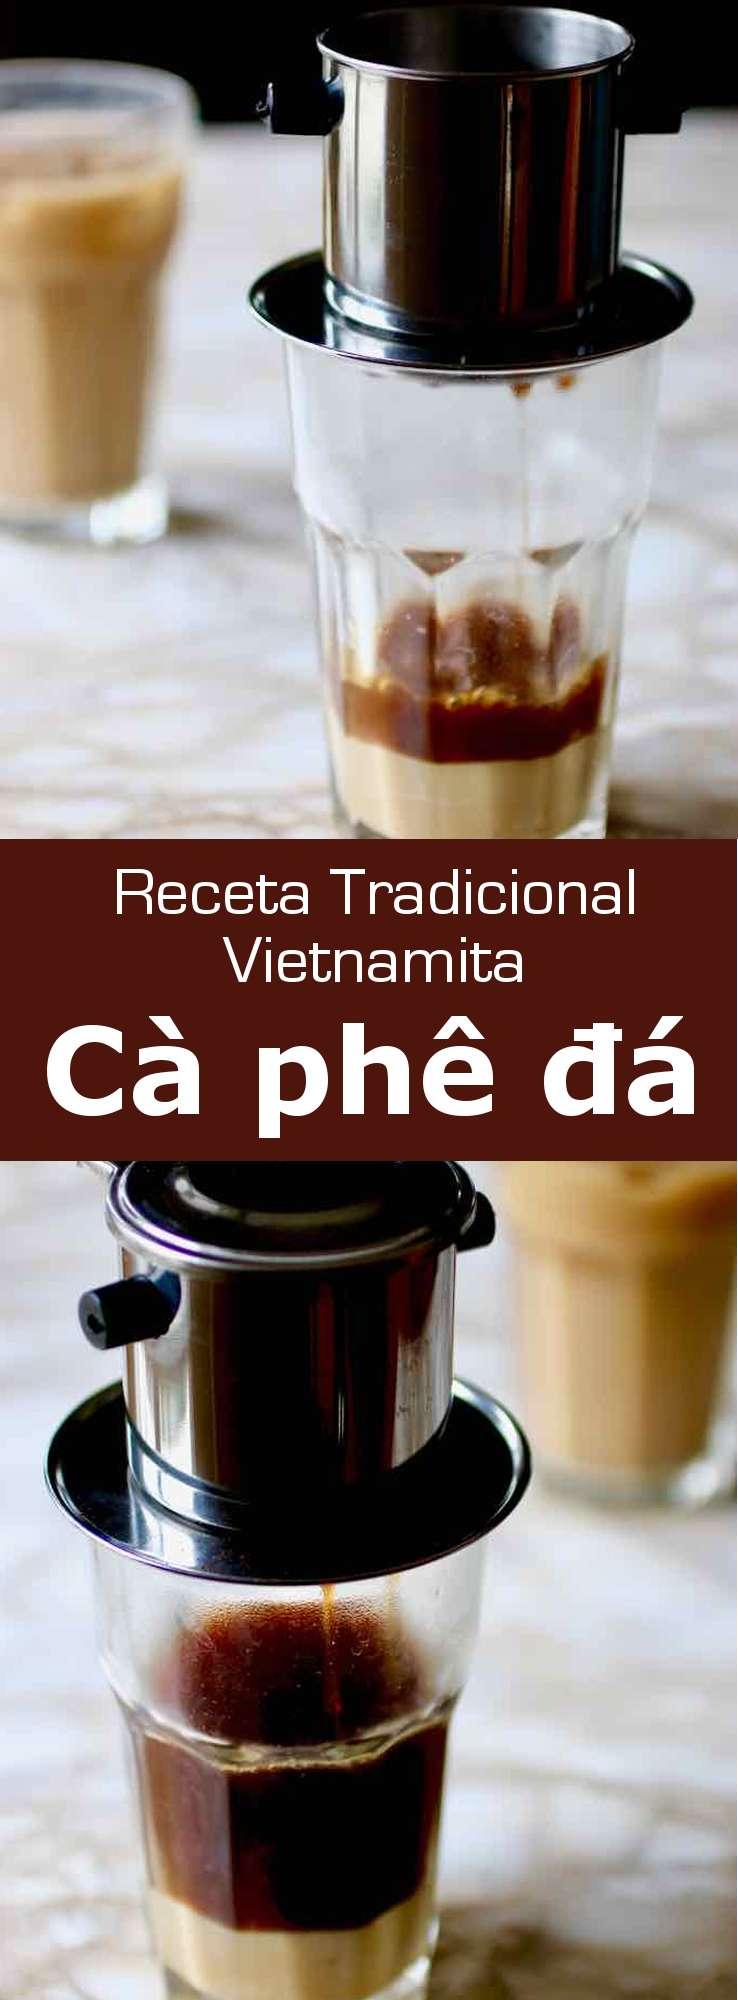 El cà phê đá (café helado vietnamita) es una bebida popular vietnamita que se prepara con café robusta filtrado por goteo, se vierte sobre hielo y, a menudo, se endulza con leche condensada.